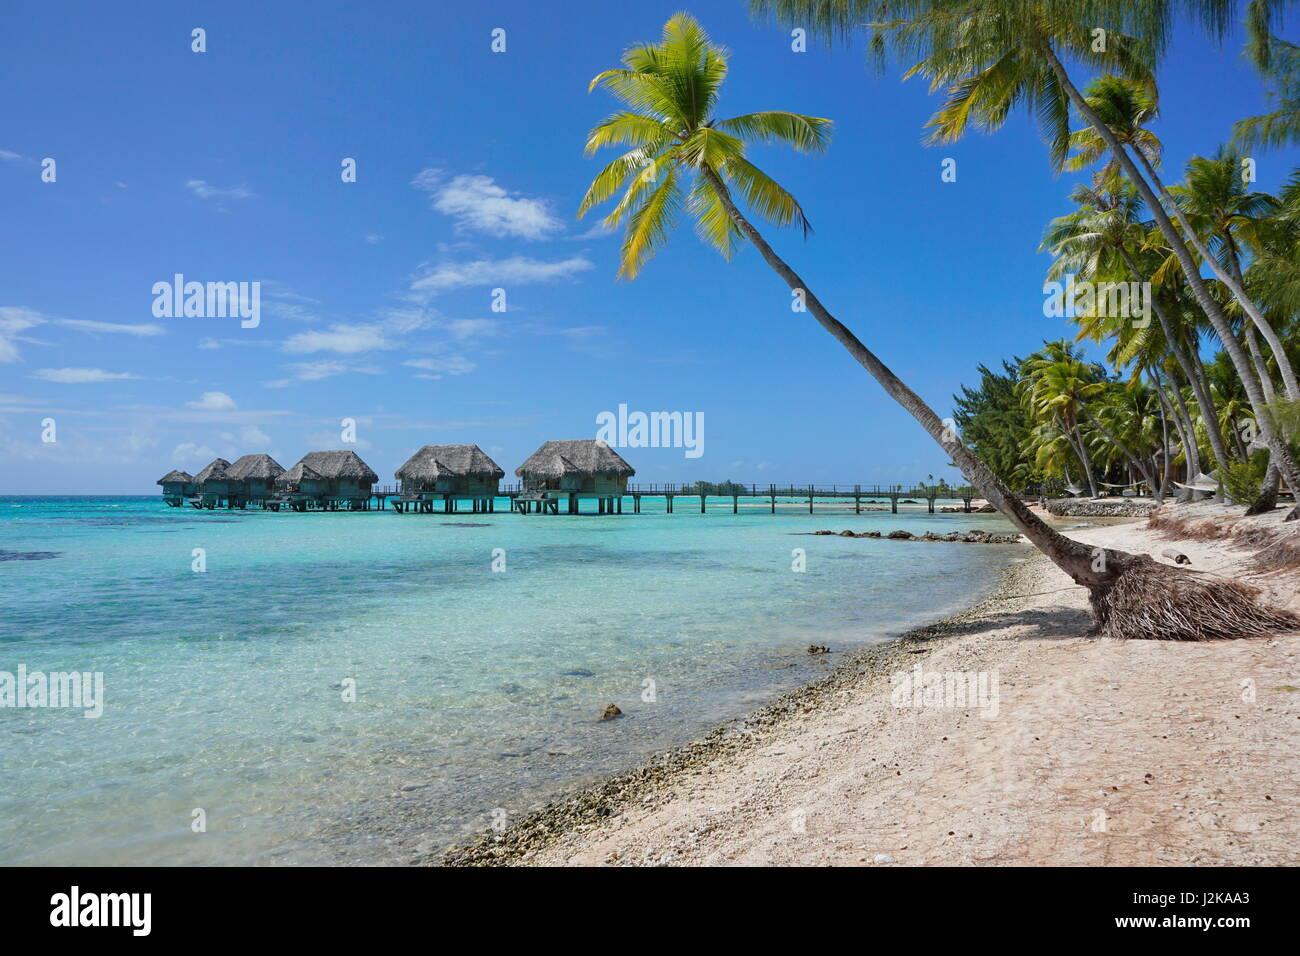 Tropical Resort bungalows sobre el agua en la laguna y playa con cocoteros, Tikehau atoll, Tuamotu, en la Polinesia Francesa, Pacífico Sur Foto de stock